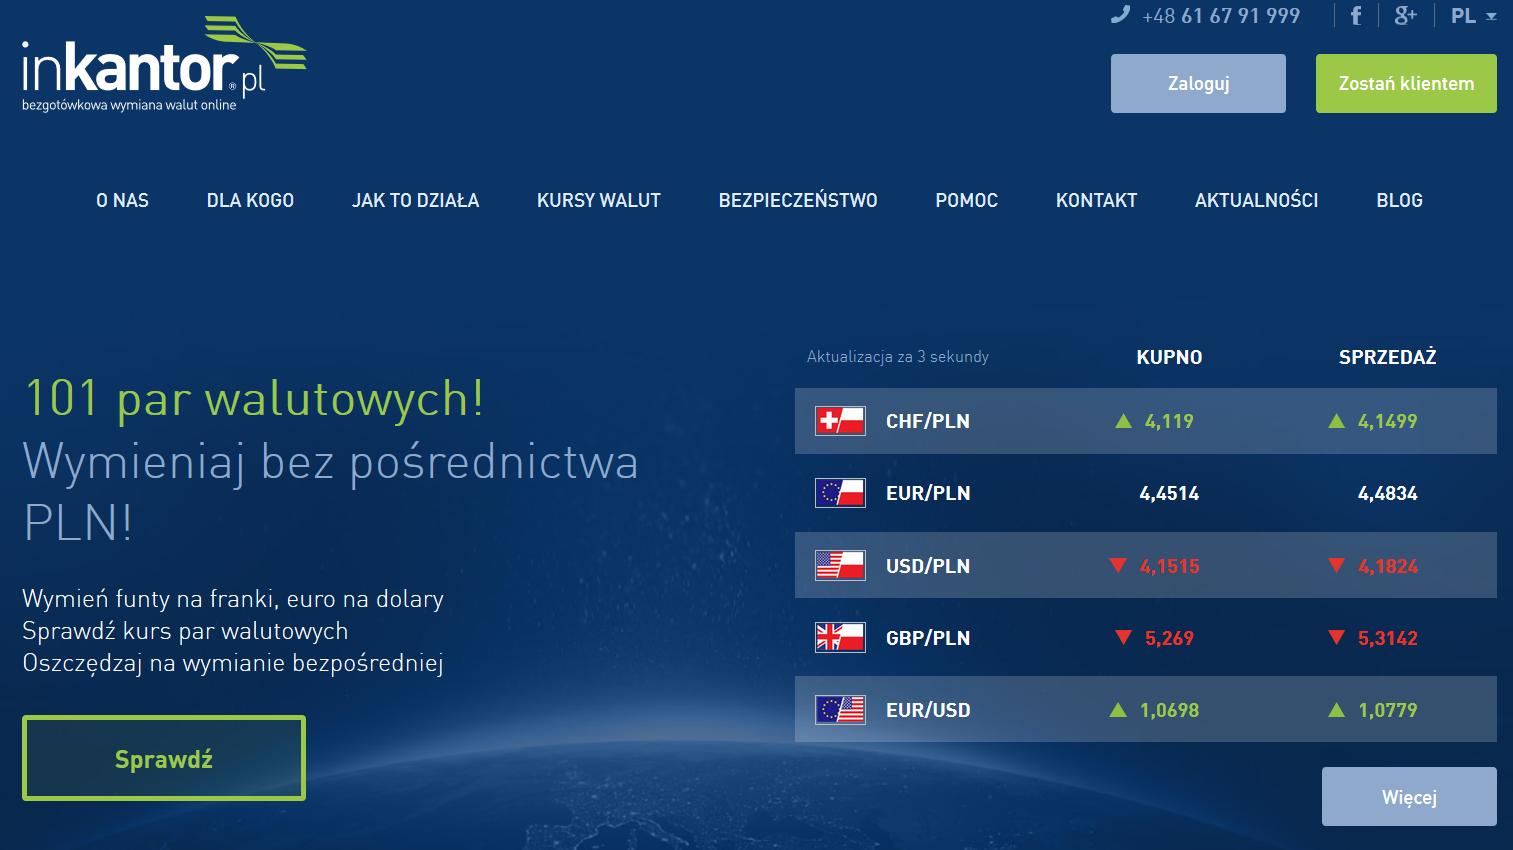 Informacje i opinie o kantorze wymianie walut - InKantor.pl